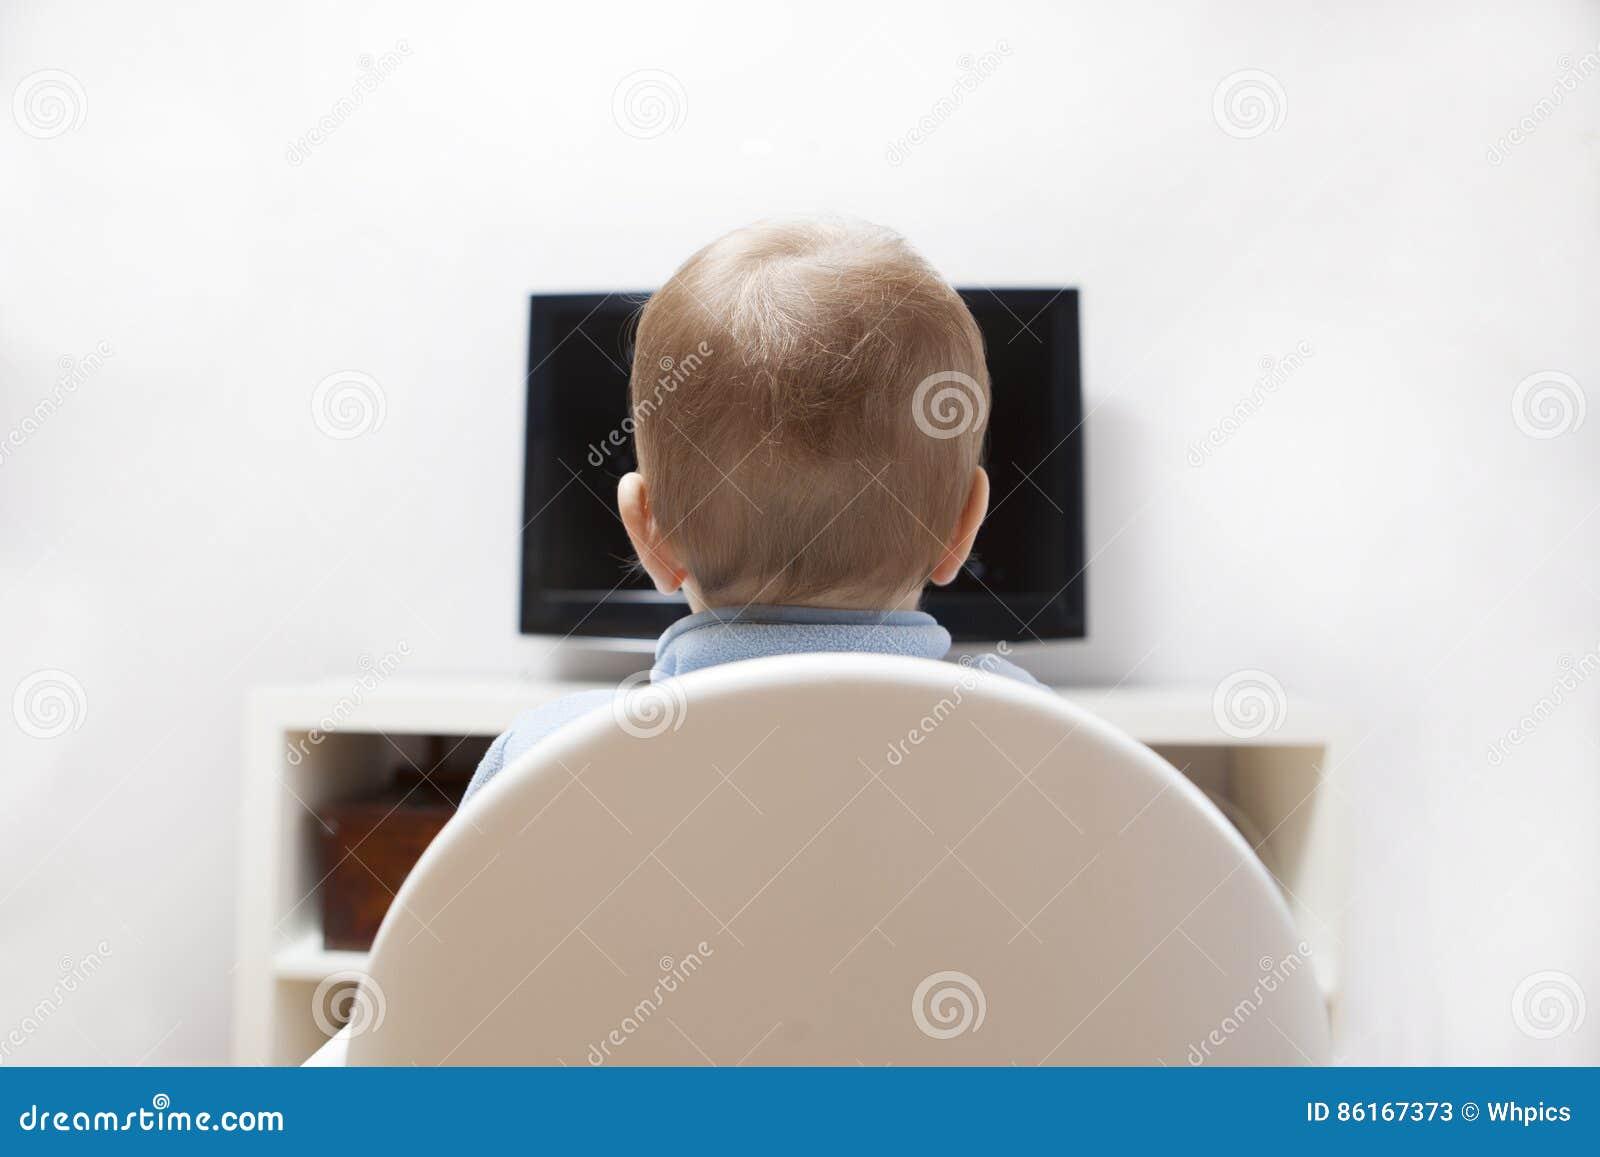 Bandes dessinées de observation de bébé garçon à la TV